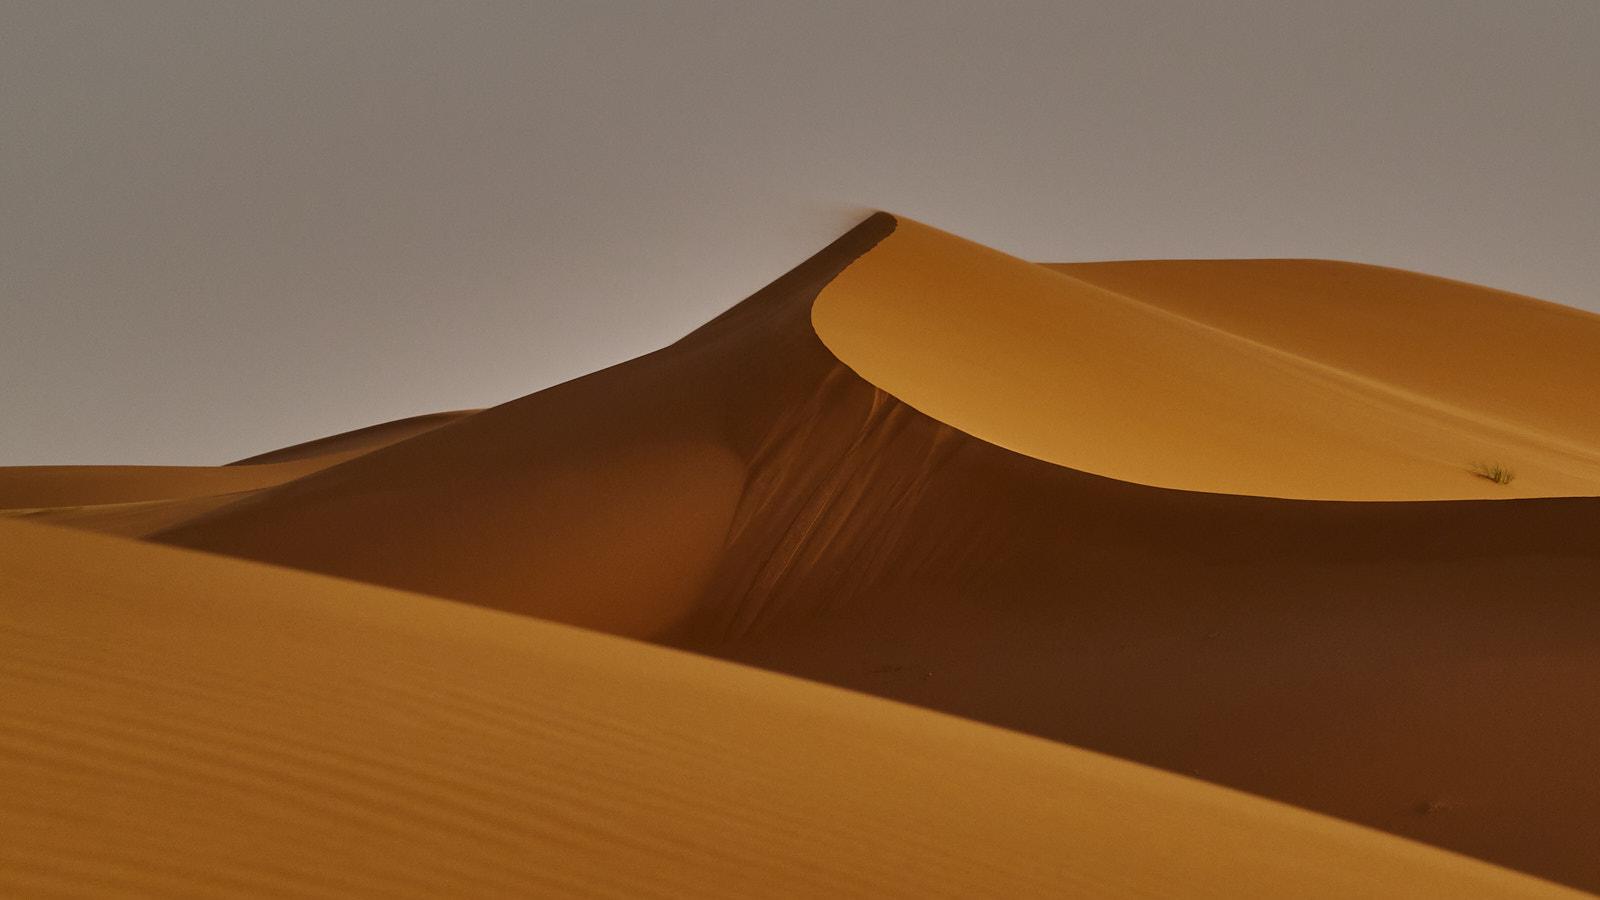 Descobrint racons Desert Merzouga. Morocco